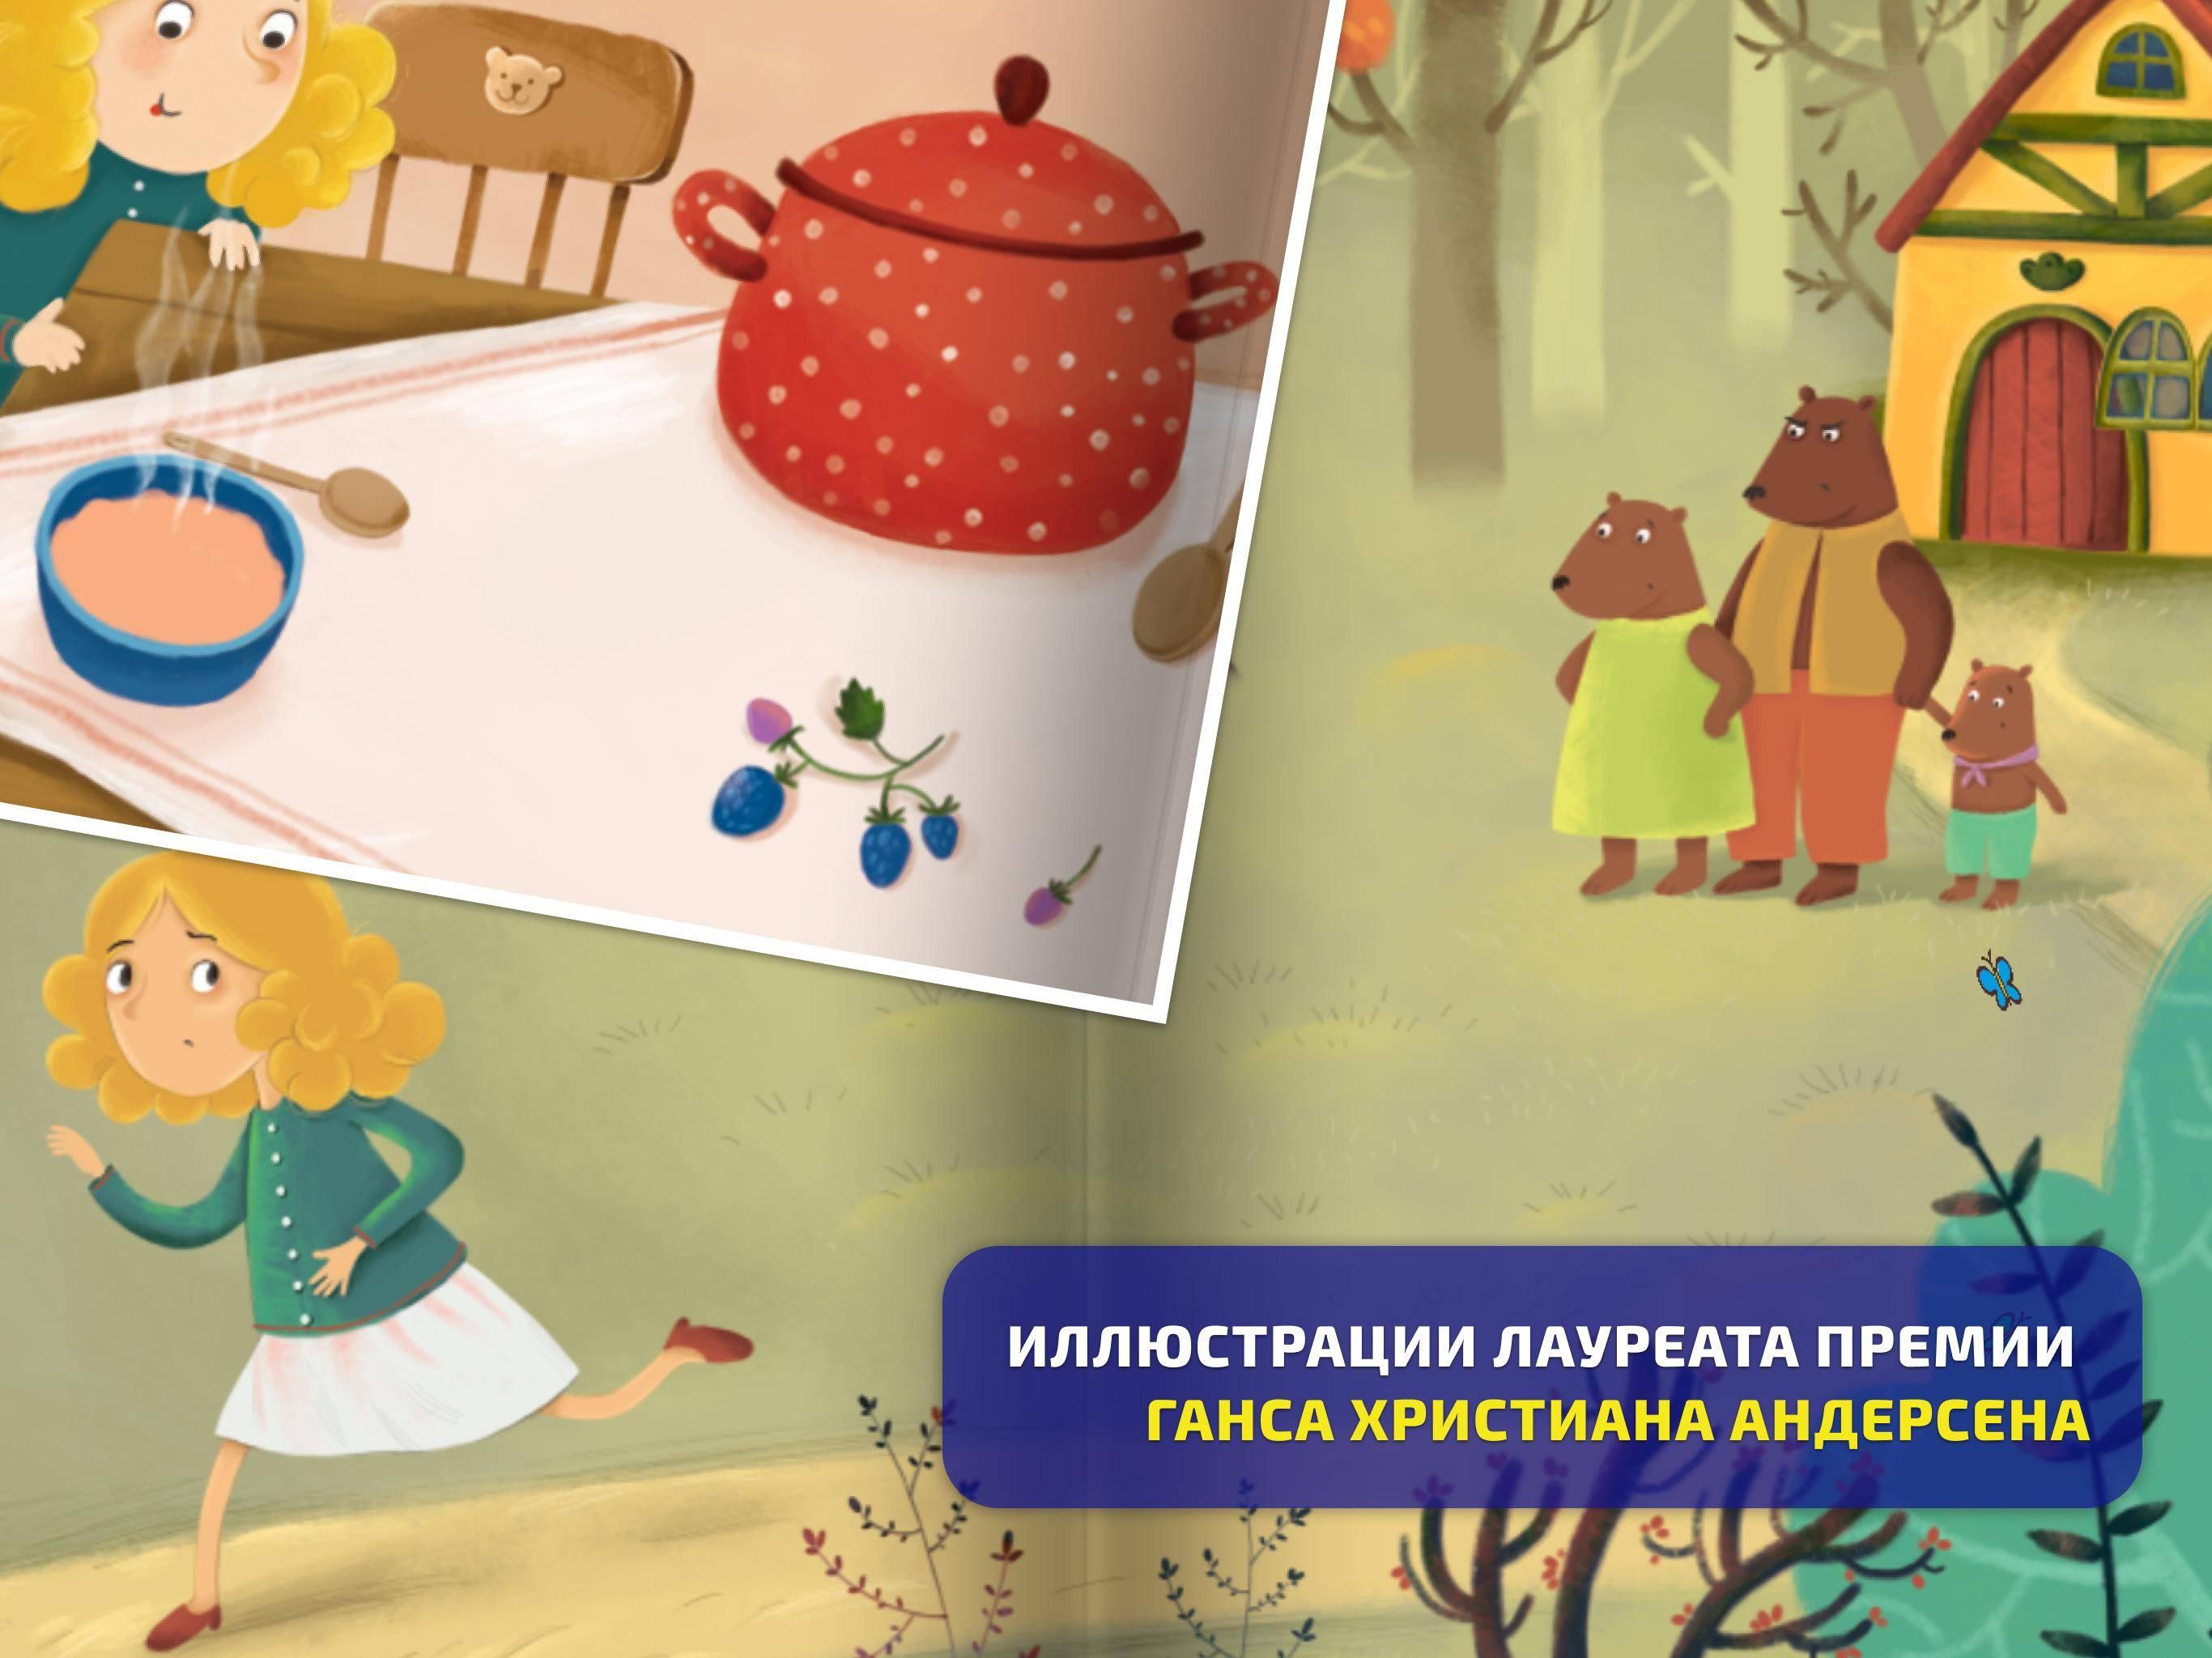 Дистанционная работа с детьми в период самоизоляции «встреча с любимой сказкой». воспитателям детских садов, школьным учителям и педагогам - маам.ру